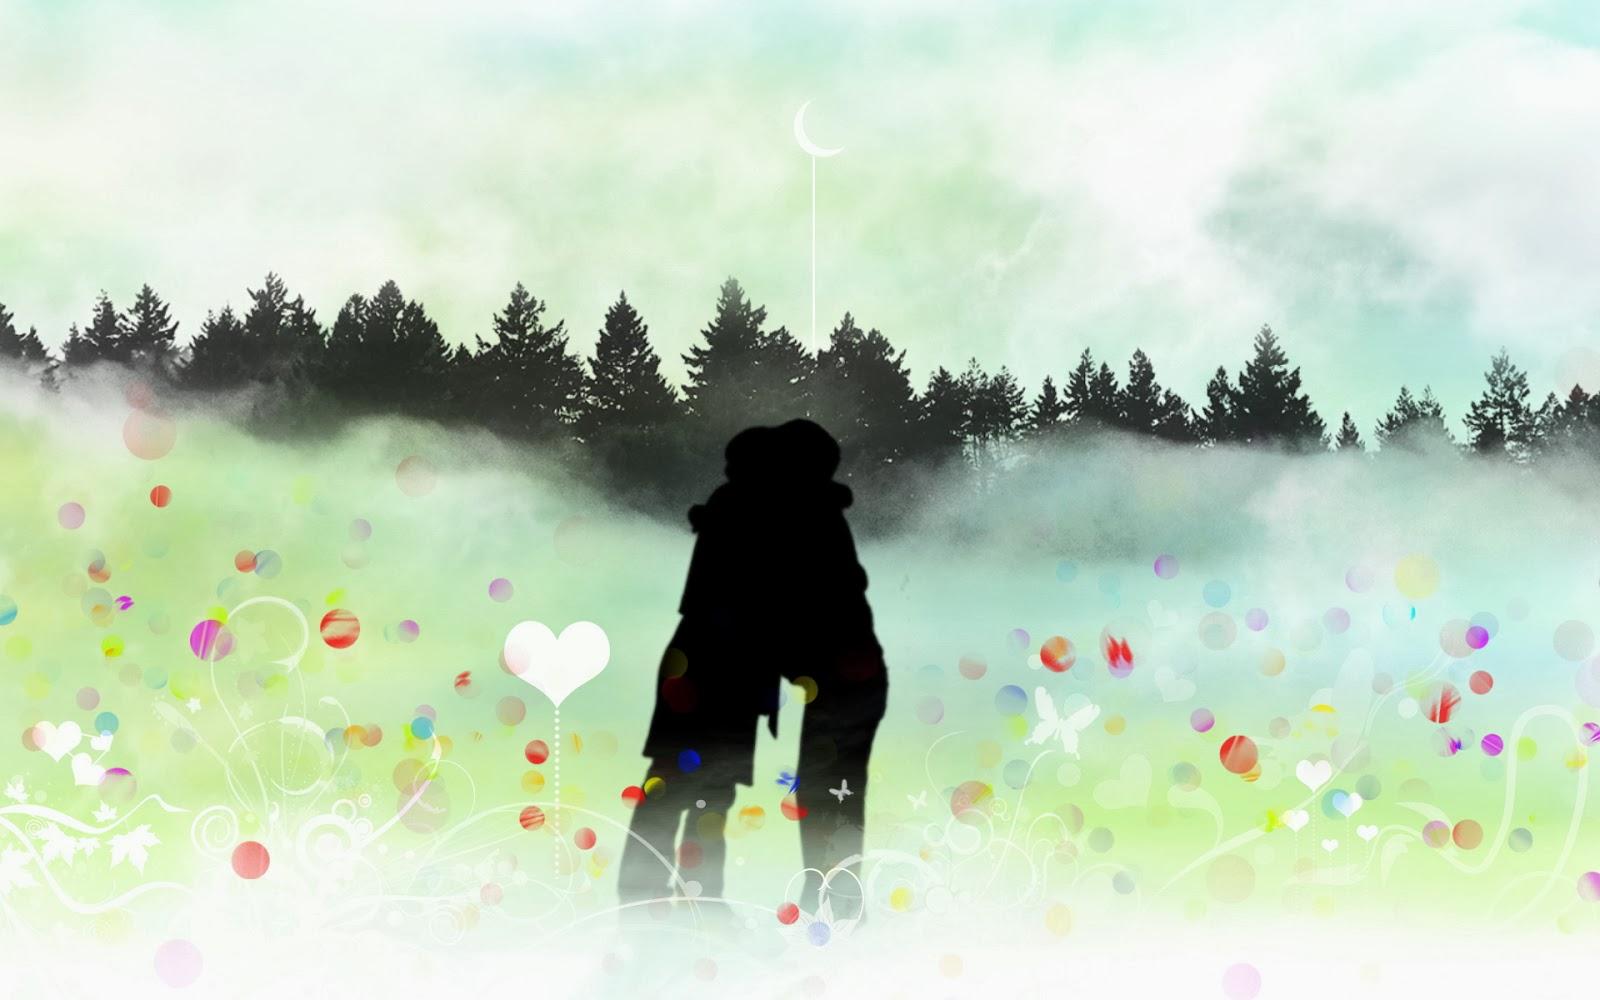 boy-and-girl-hug-and-kiss-shadowed-images-HD.jpg